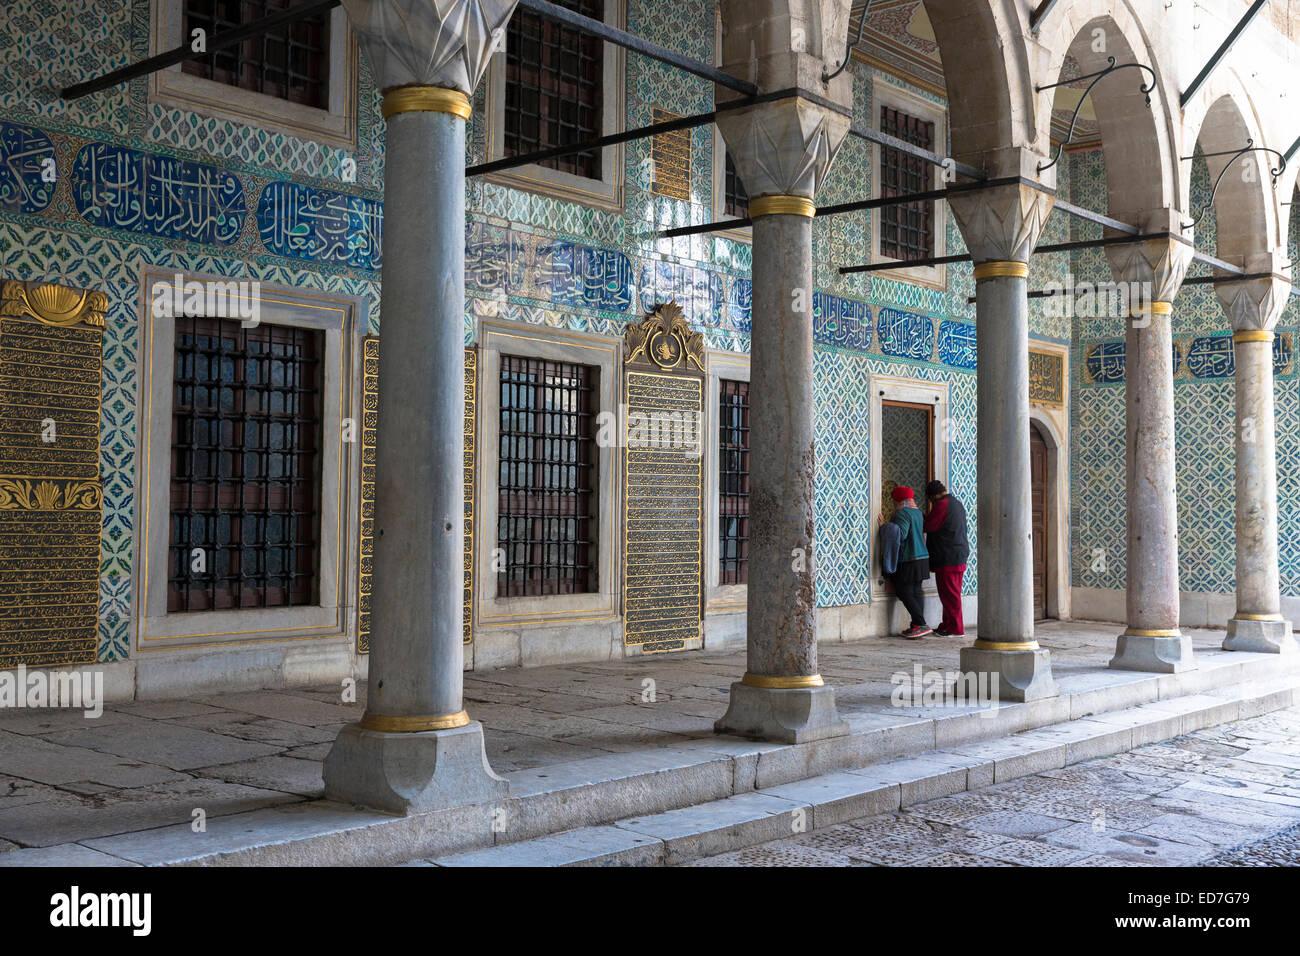 Los turistas ver harén trimestres en el Palacio Topkapi, el Topkapi Sarayi, parte del Imperio Otomano, Estambul, Imagen De Stock